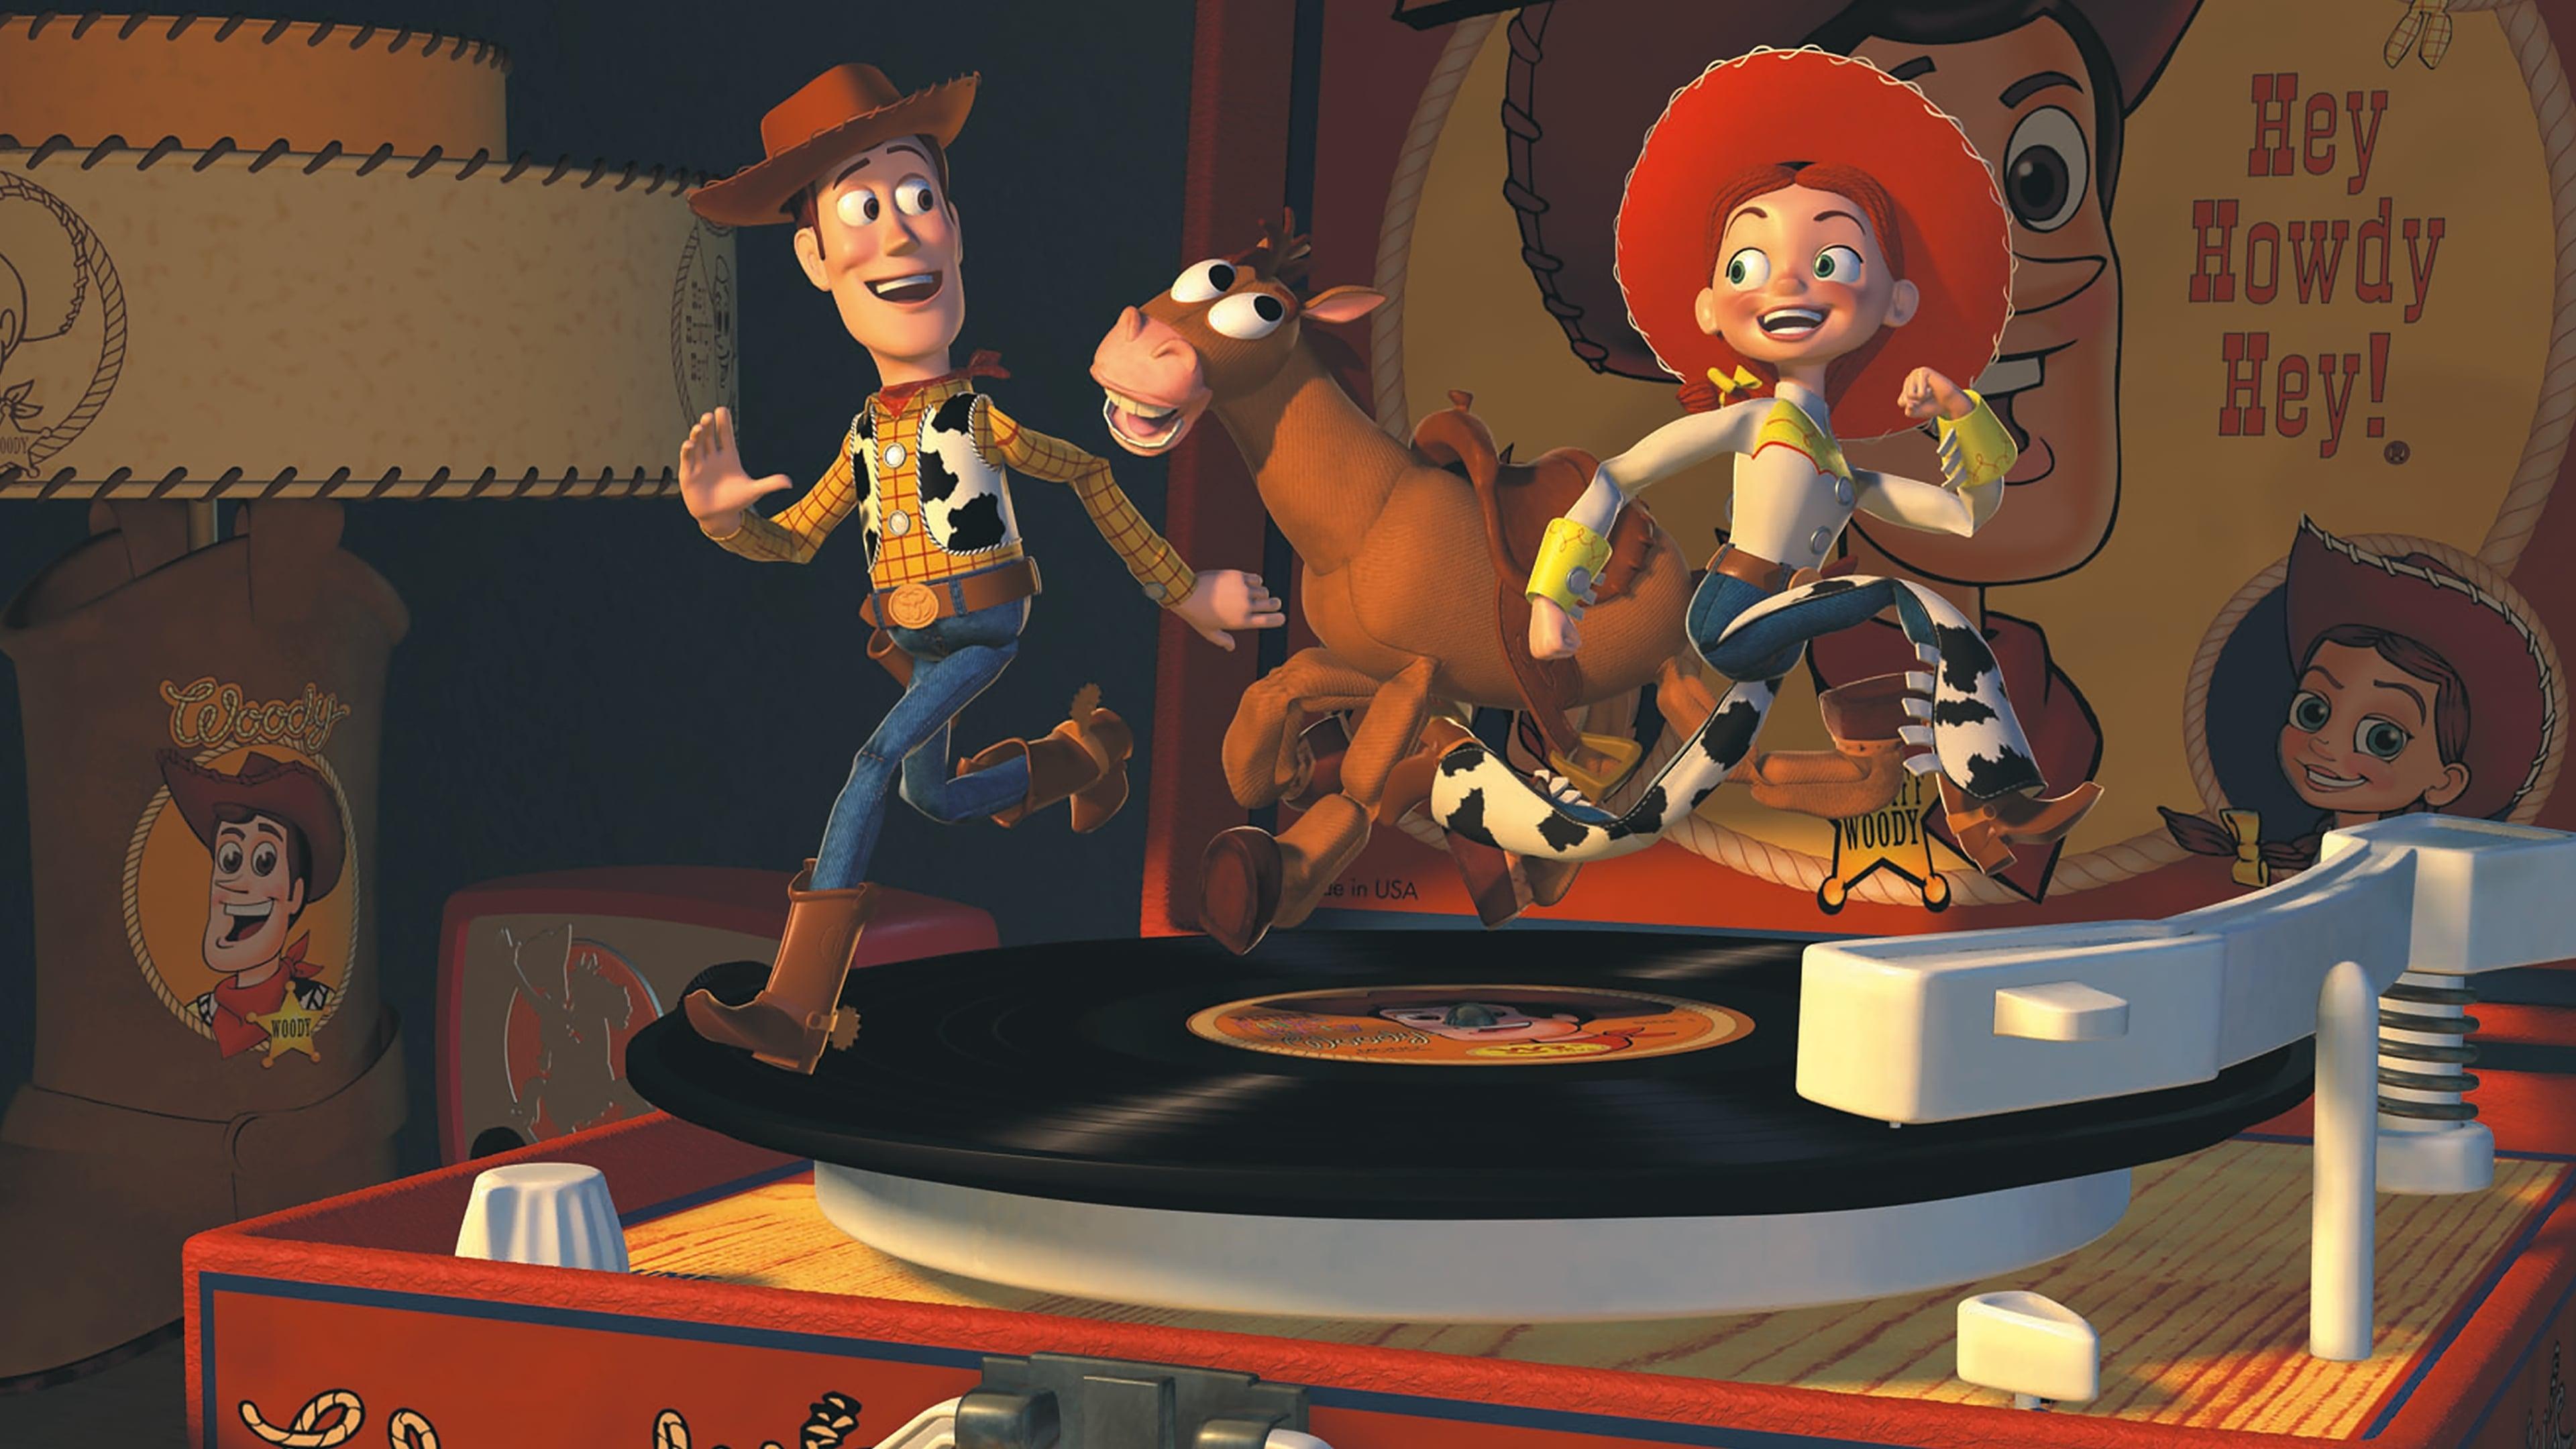 Película Toy Story 2: Los juguetes vuelven a la carga en GNULA